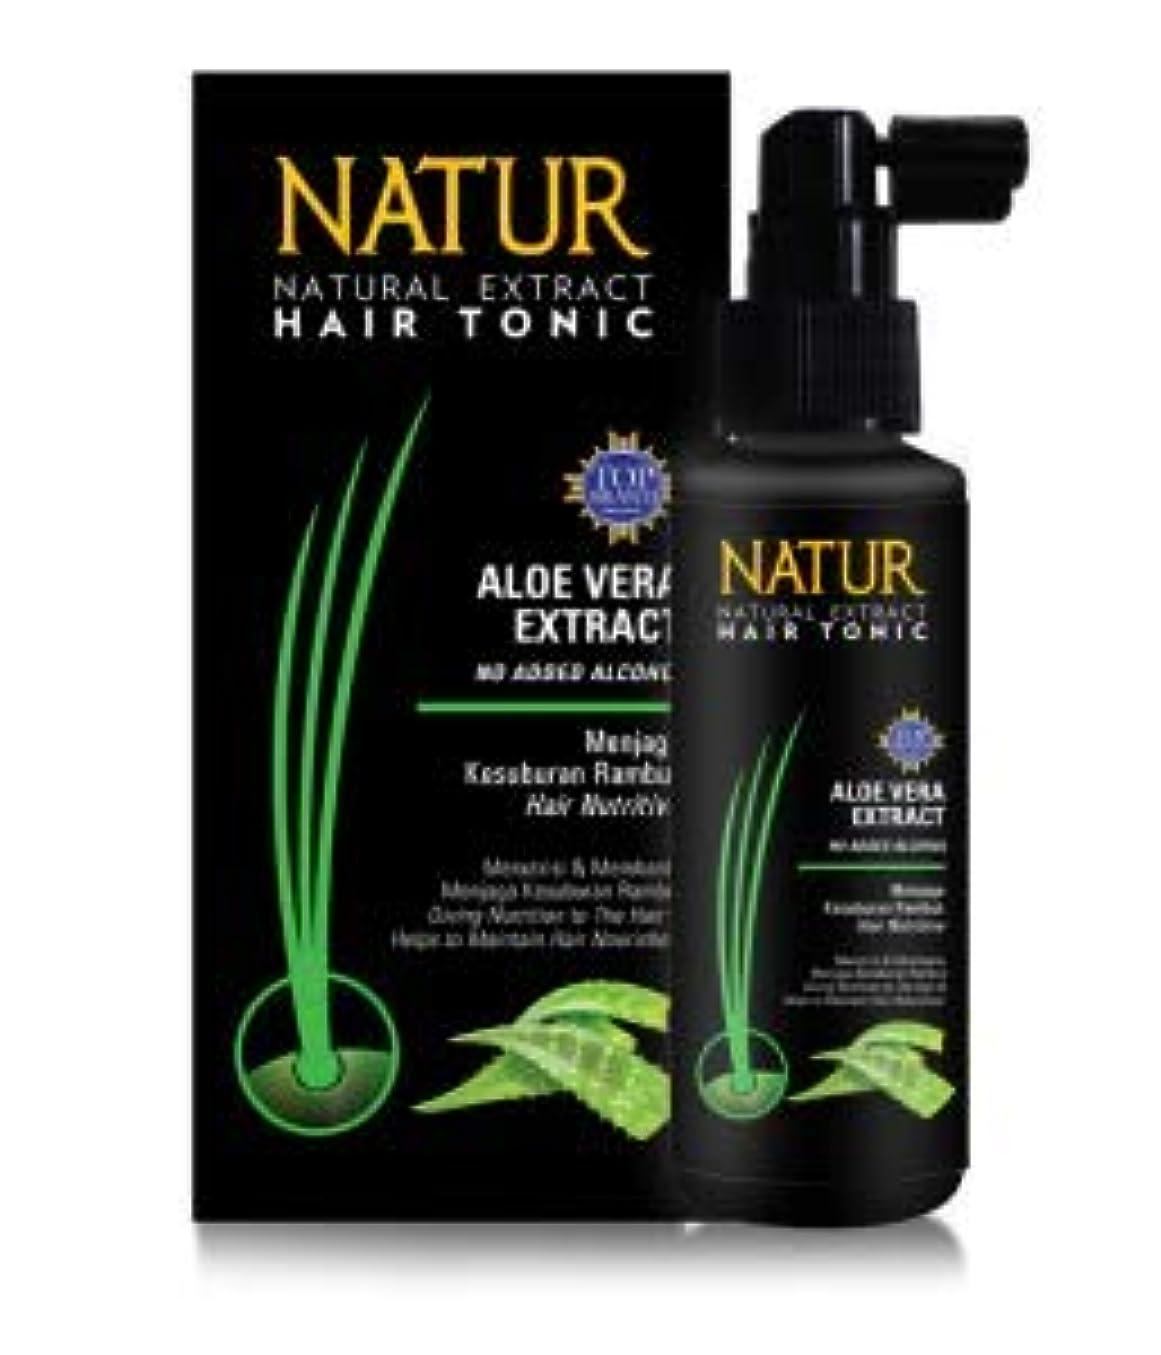 休憩する採用輝くNATUR ナトゥール 天然植物エキス配合 Hair Tonic ハーバルヘアトニック 90ml Aloe vera アロエベラ [海外直商品]